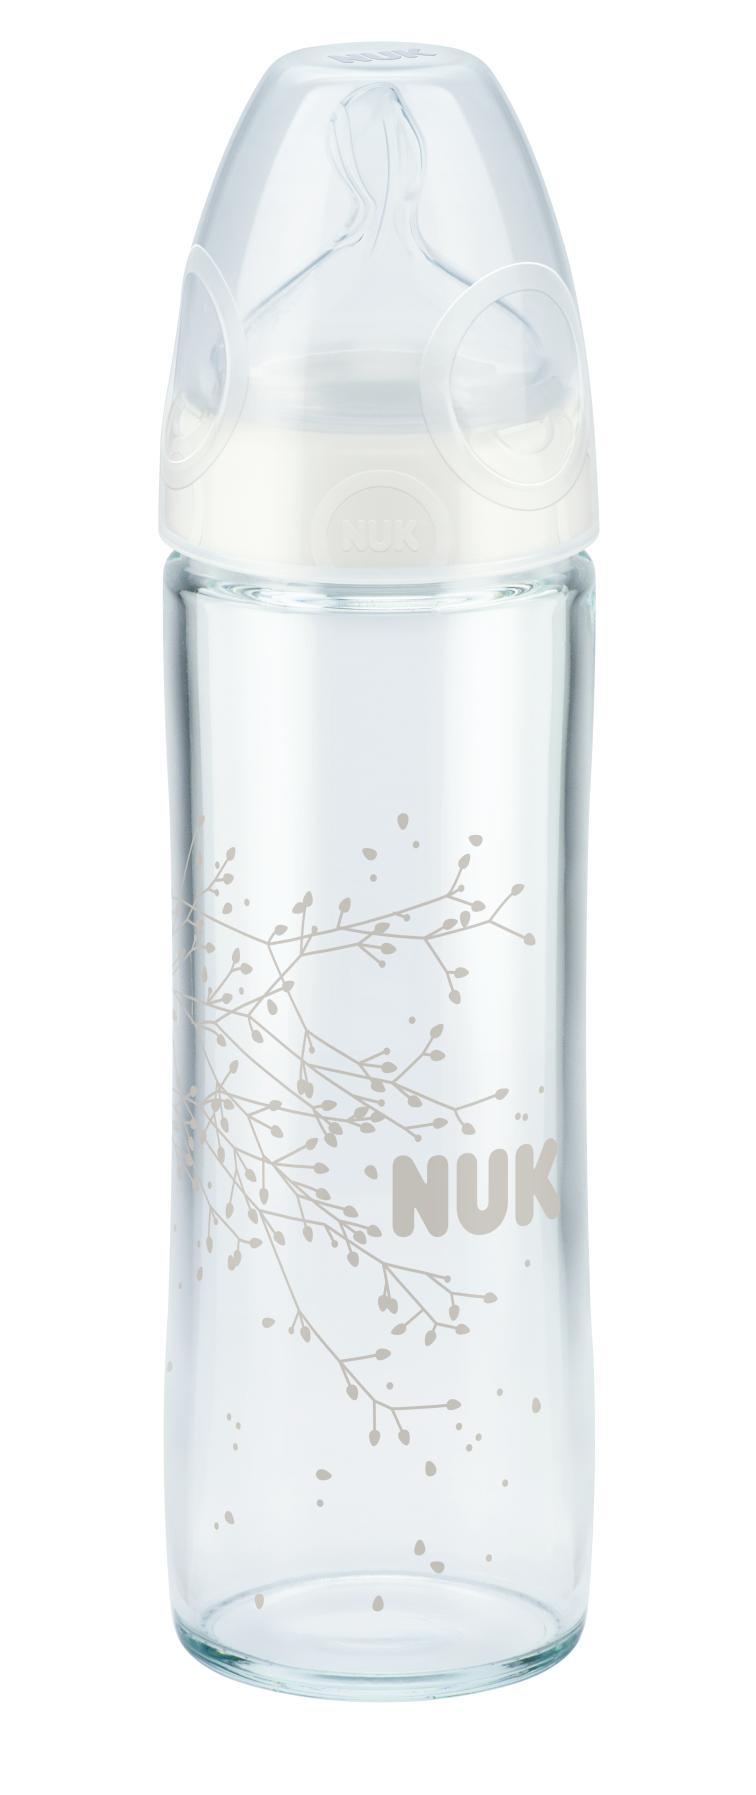 NUK New Classic láhev Love sklo, silikon, vel. 1, průtok M, 240 ml